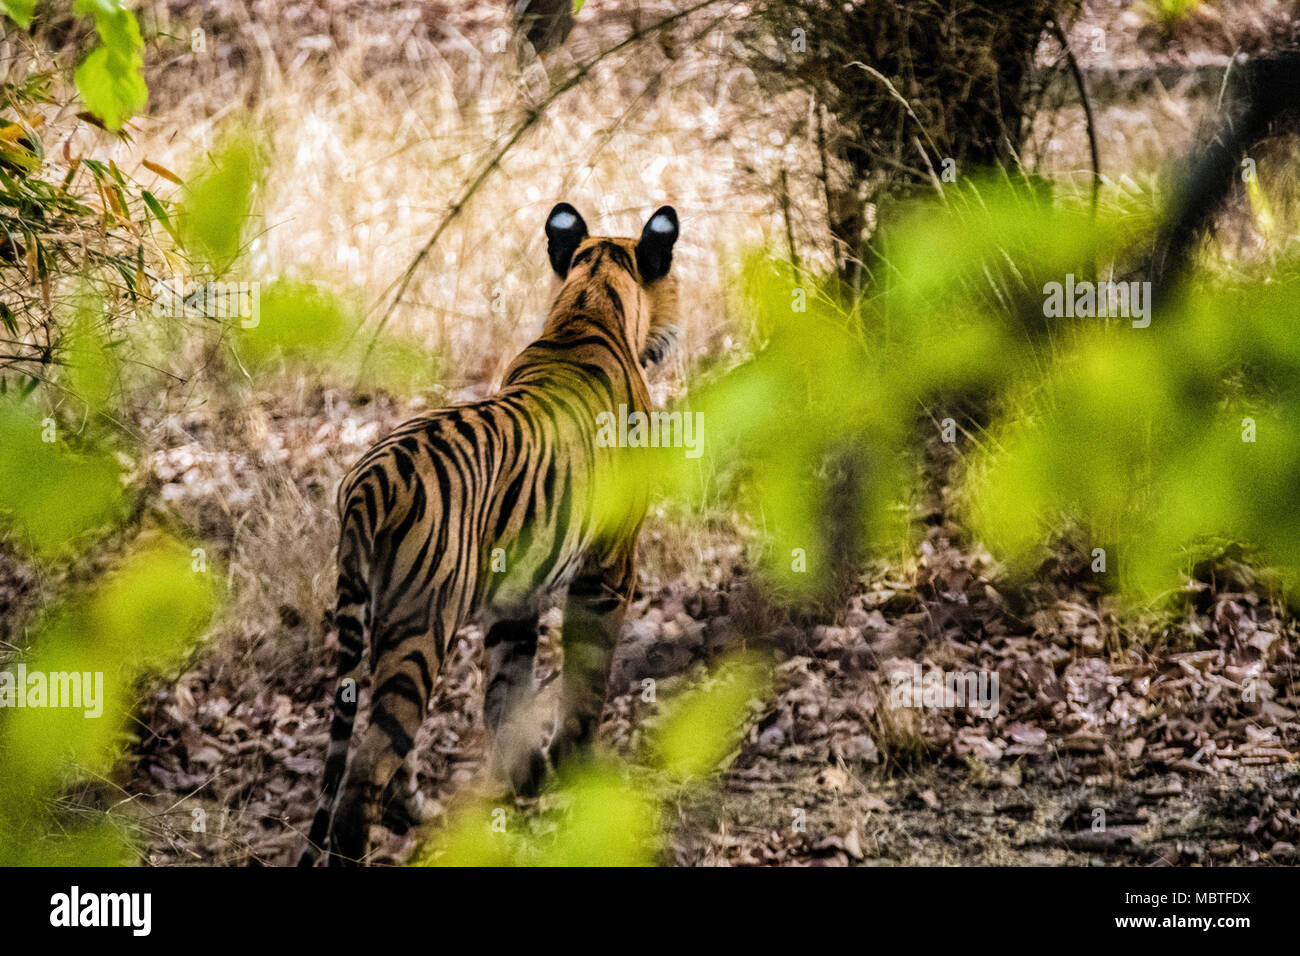 Vista trasera de un solitario dos años machos silvestres Tigre de Bengala, Panthera tigris tigris, en la selva de la reserva de tigres de Bandhavgarh, India Imagen De Stock